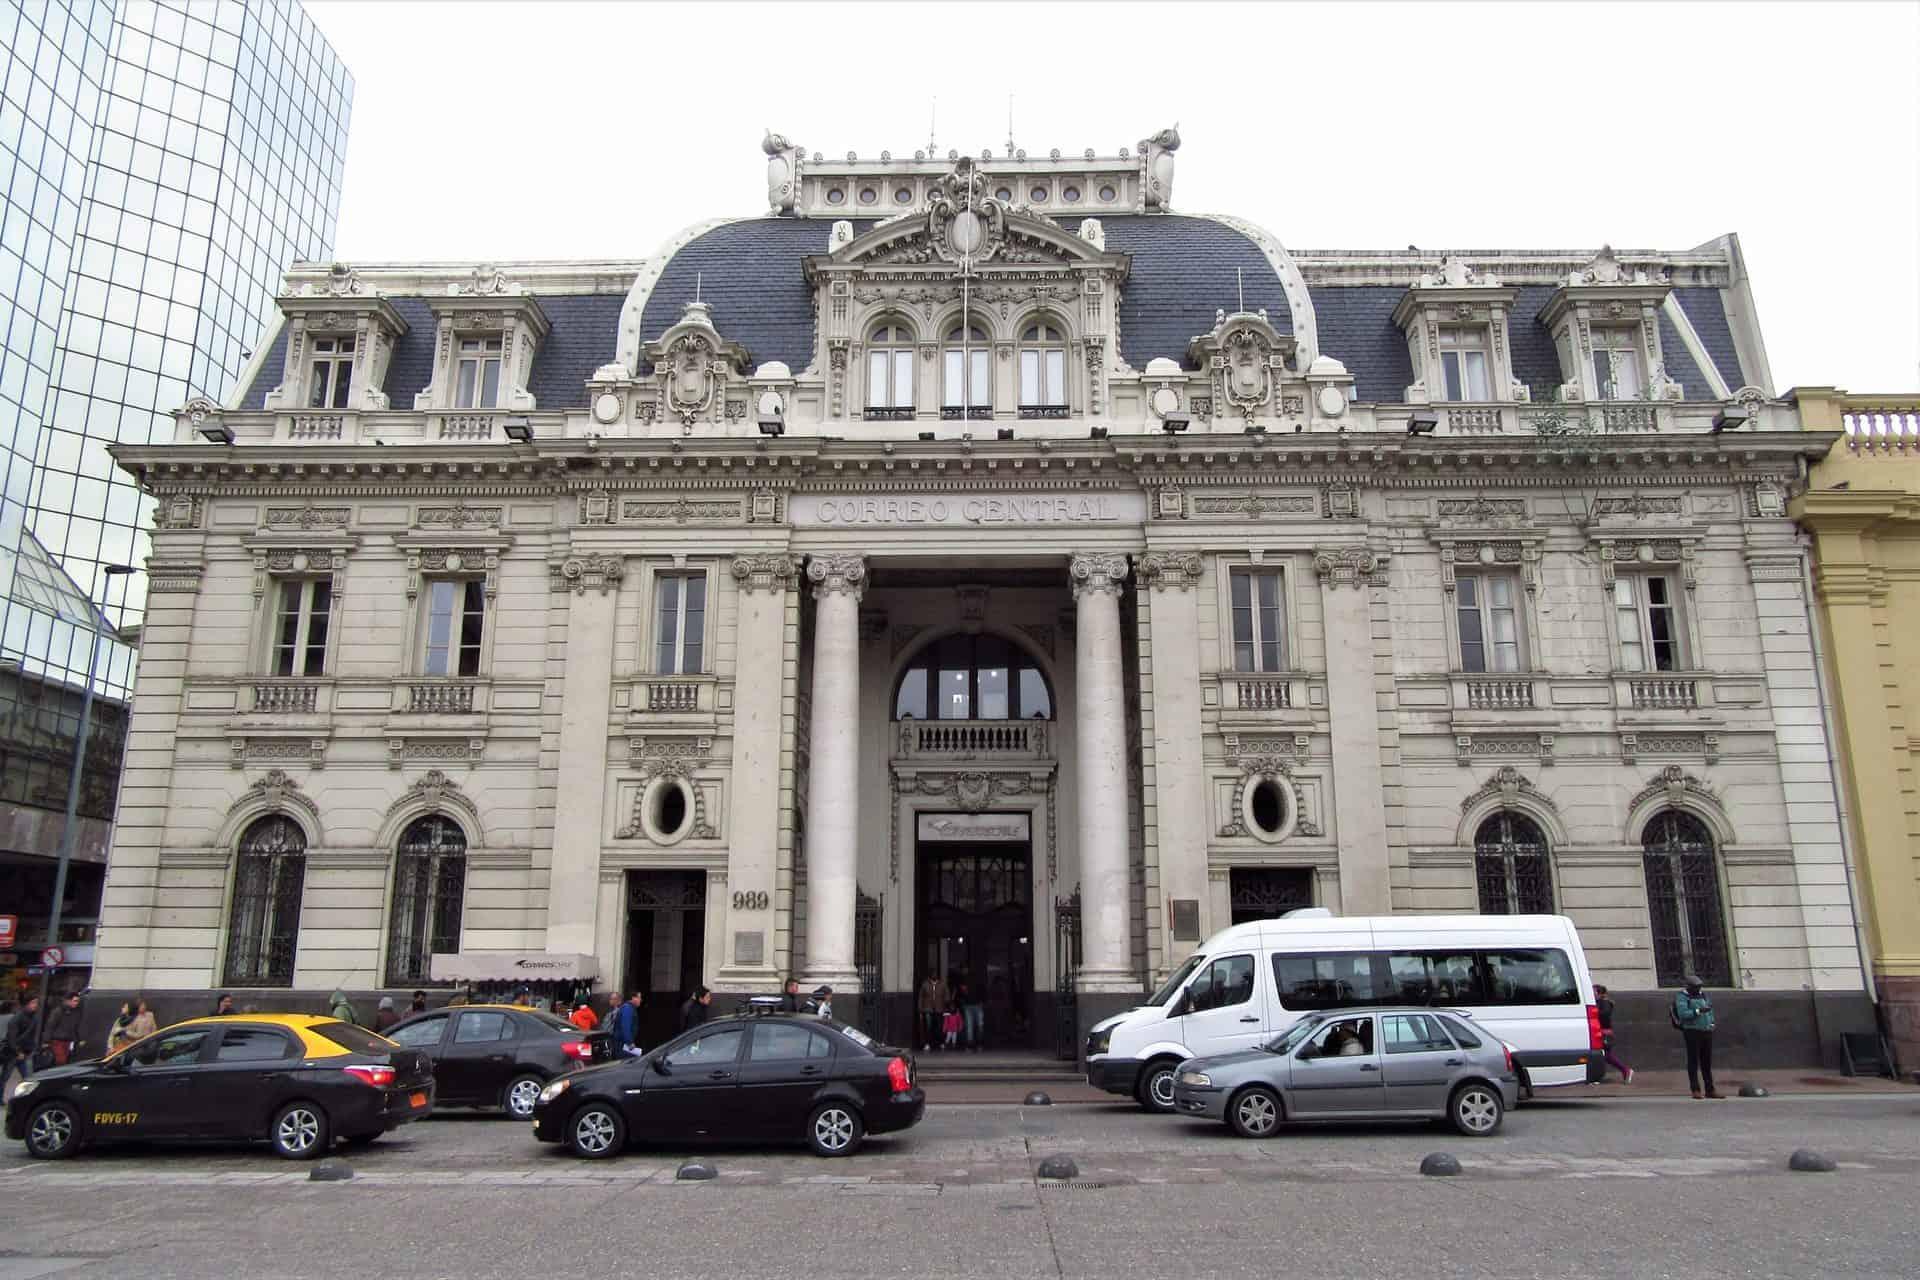 santiago_essential_point2_postoffice_2017_Santiago_de_Chile_-_Edificio_del_Correo_Central